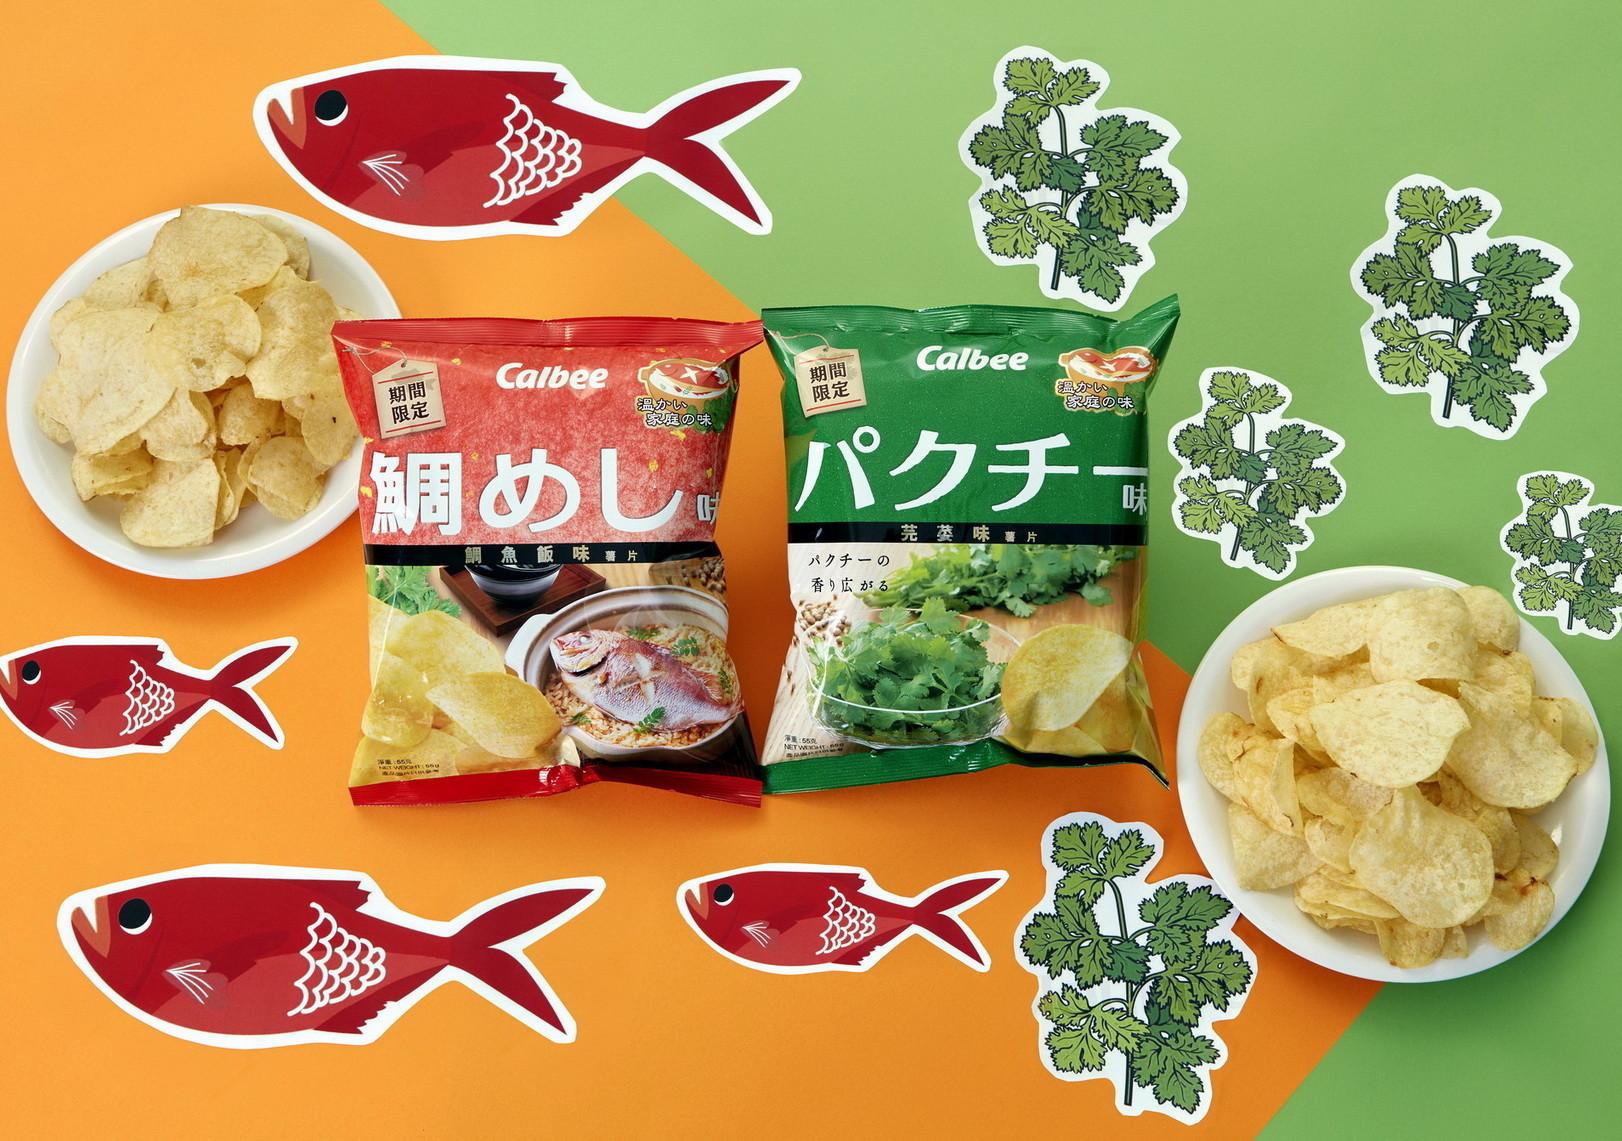 期間限定必試! 卡樂 B 全新日式鯛魚飯味 / 芫荽味薯片登場